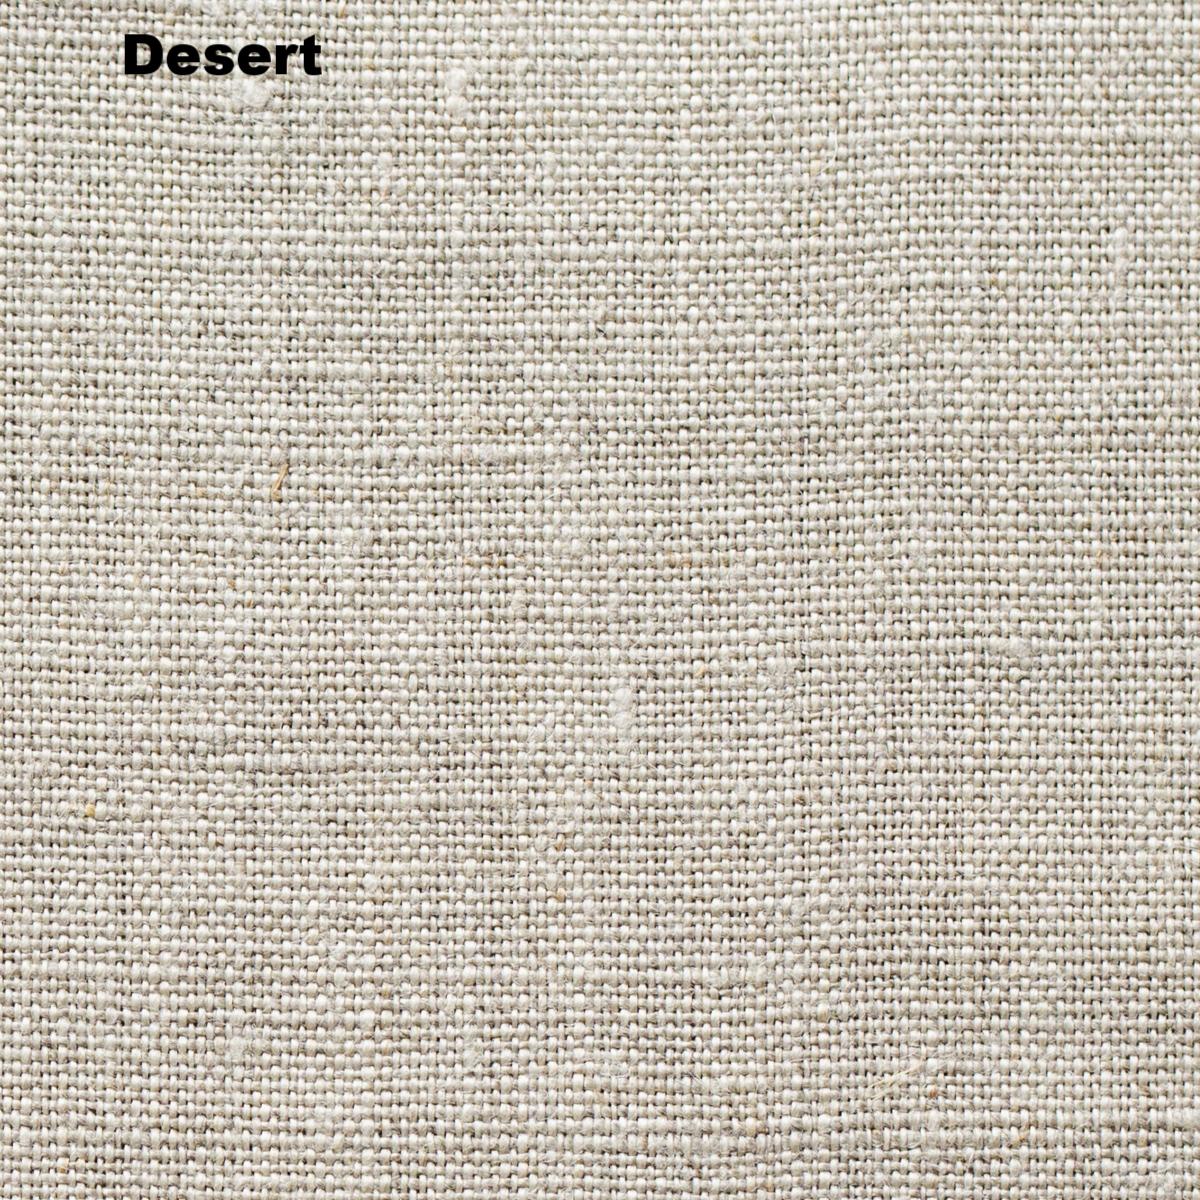 08_desert.jpg